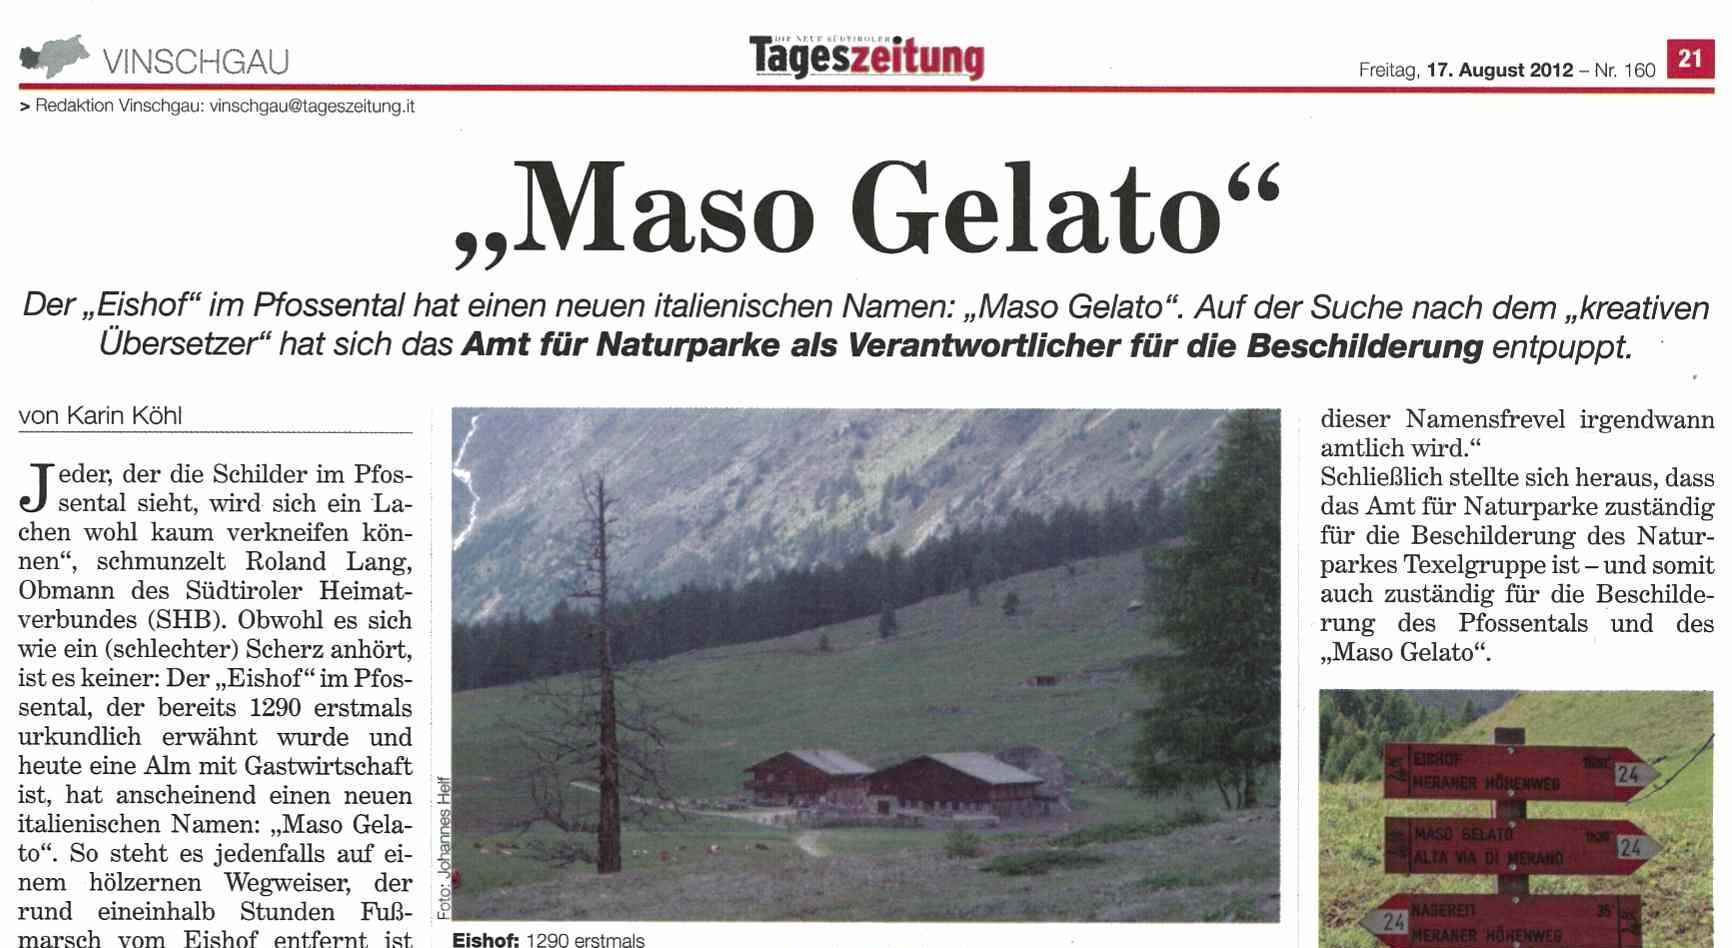 """Tageszeitung – Amt für Naturparke spielt Tolomei – """"Maso Gelato"""""""